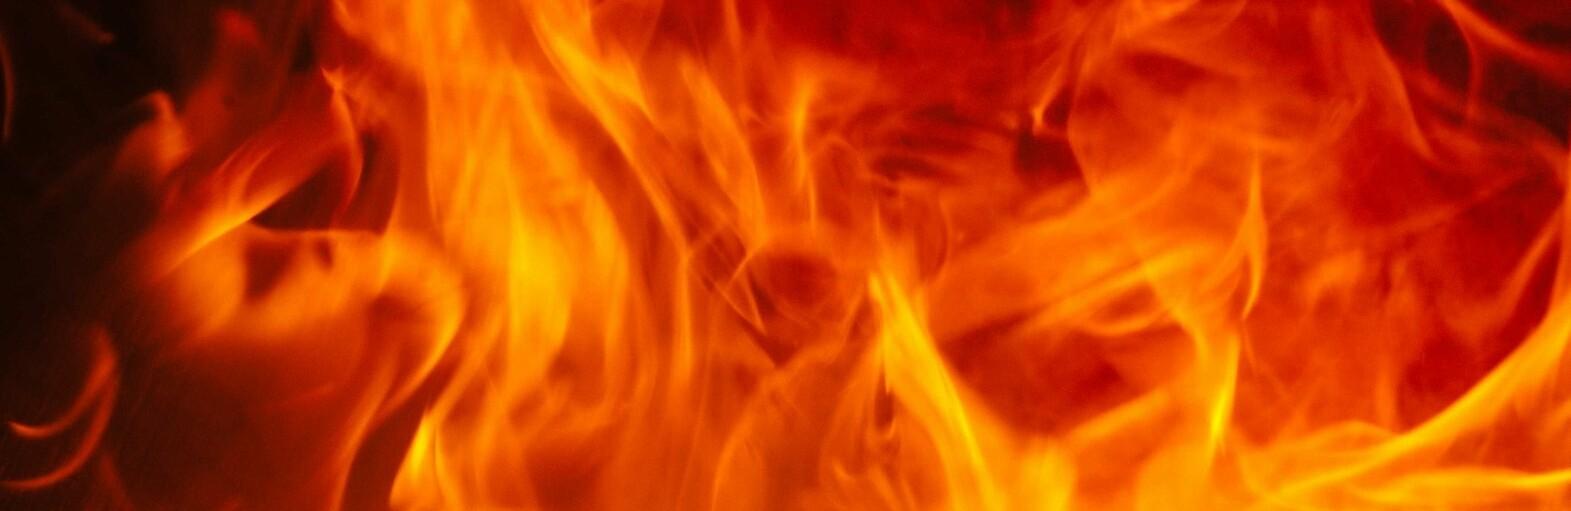 В Одесской области горел частный дом0